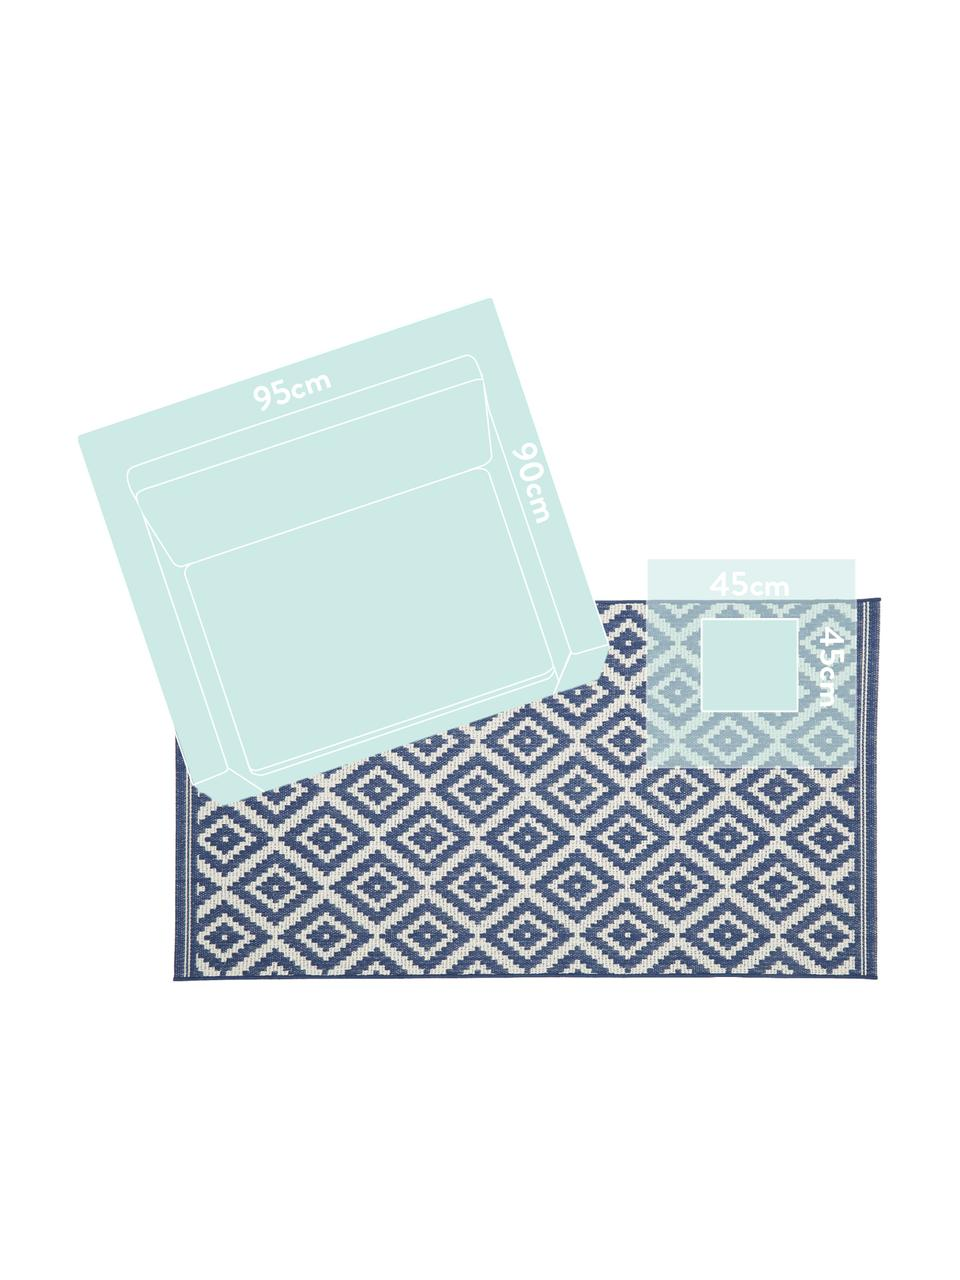 Gemusterter In- & Outdoor-Teppich Miami in Blau/Weiß, 86% Polypropylen, 14% Polyester, Cremeweiß, Blau, B 200 x L 290 cm (Größe L)